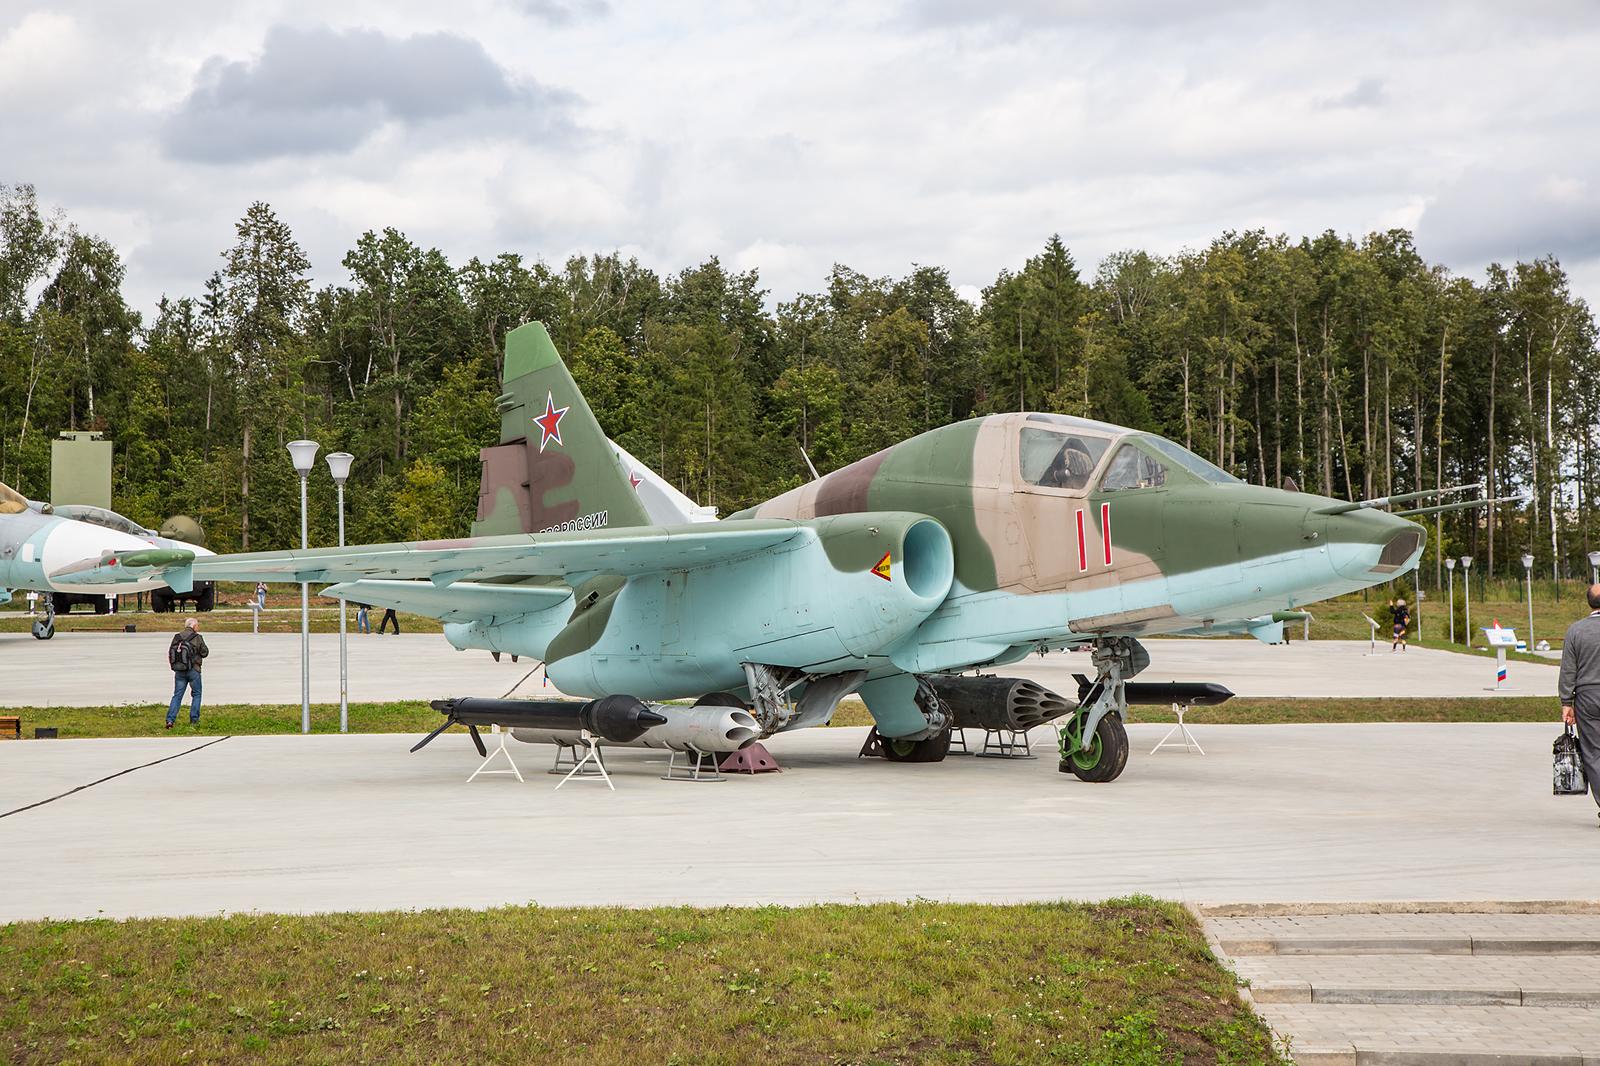 Die Sukhoi Su-25TM ist eine modernisierte Variante der Su-25 auf Basis des Doppelsitzers.